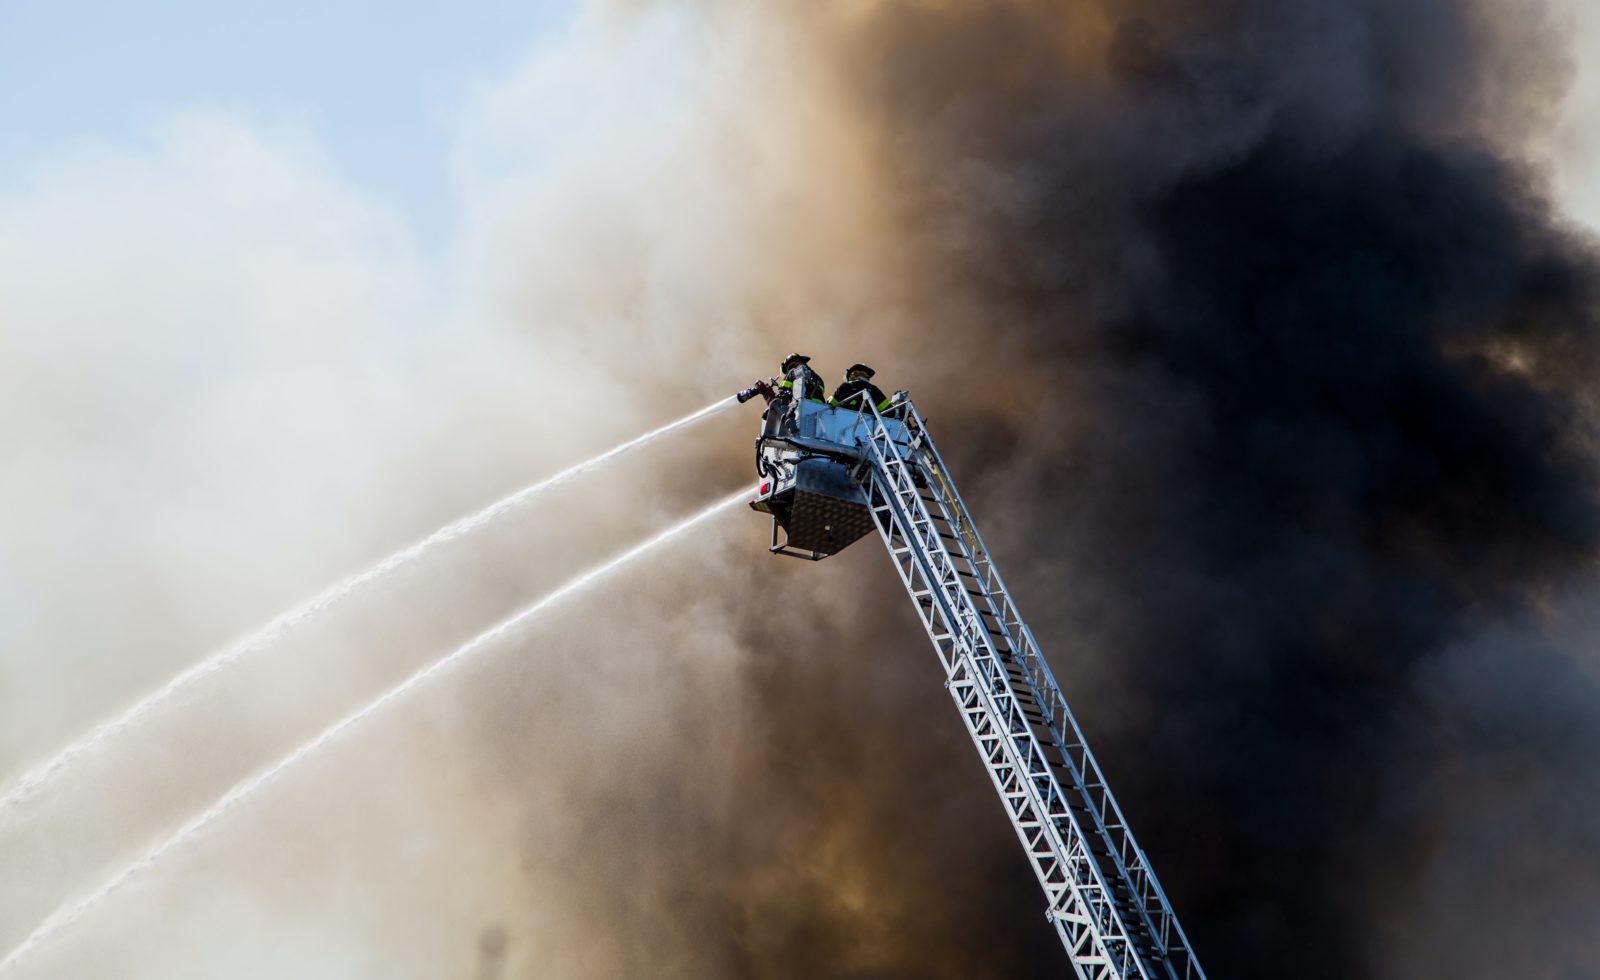 Актуальные требования пожарной безопасности к спортивным залам и другим физкультурным объектам